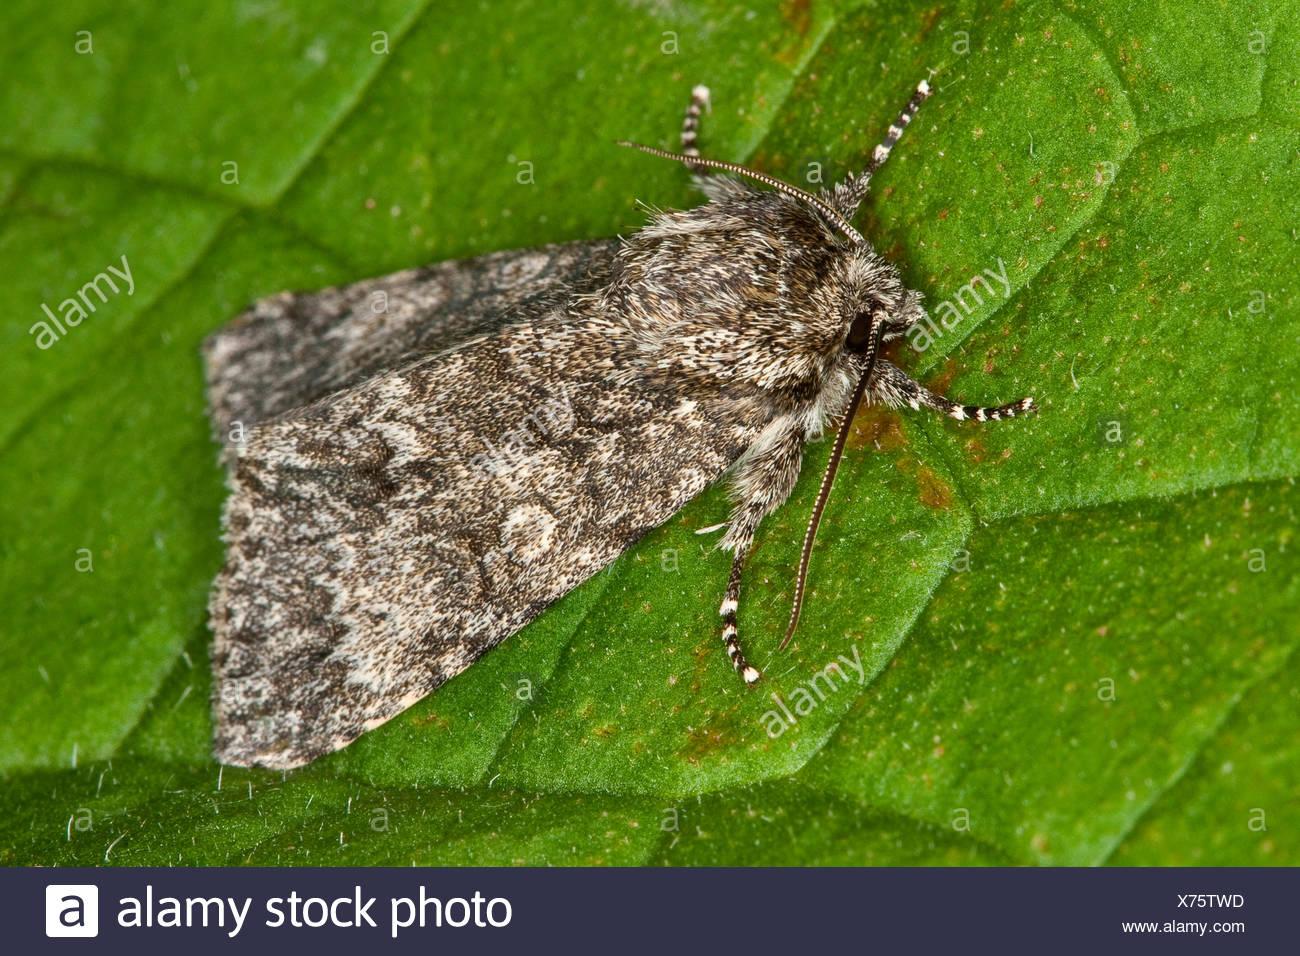 Poplar Grey (Acronicta megacephala, Apatele megacephala), sitting on a leaf, Germany - Stock Image